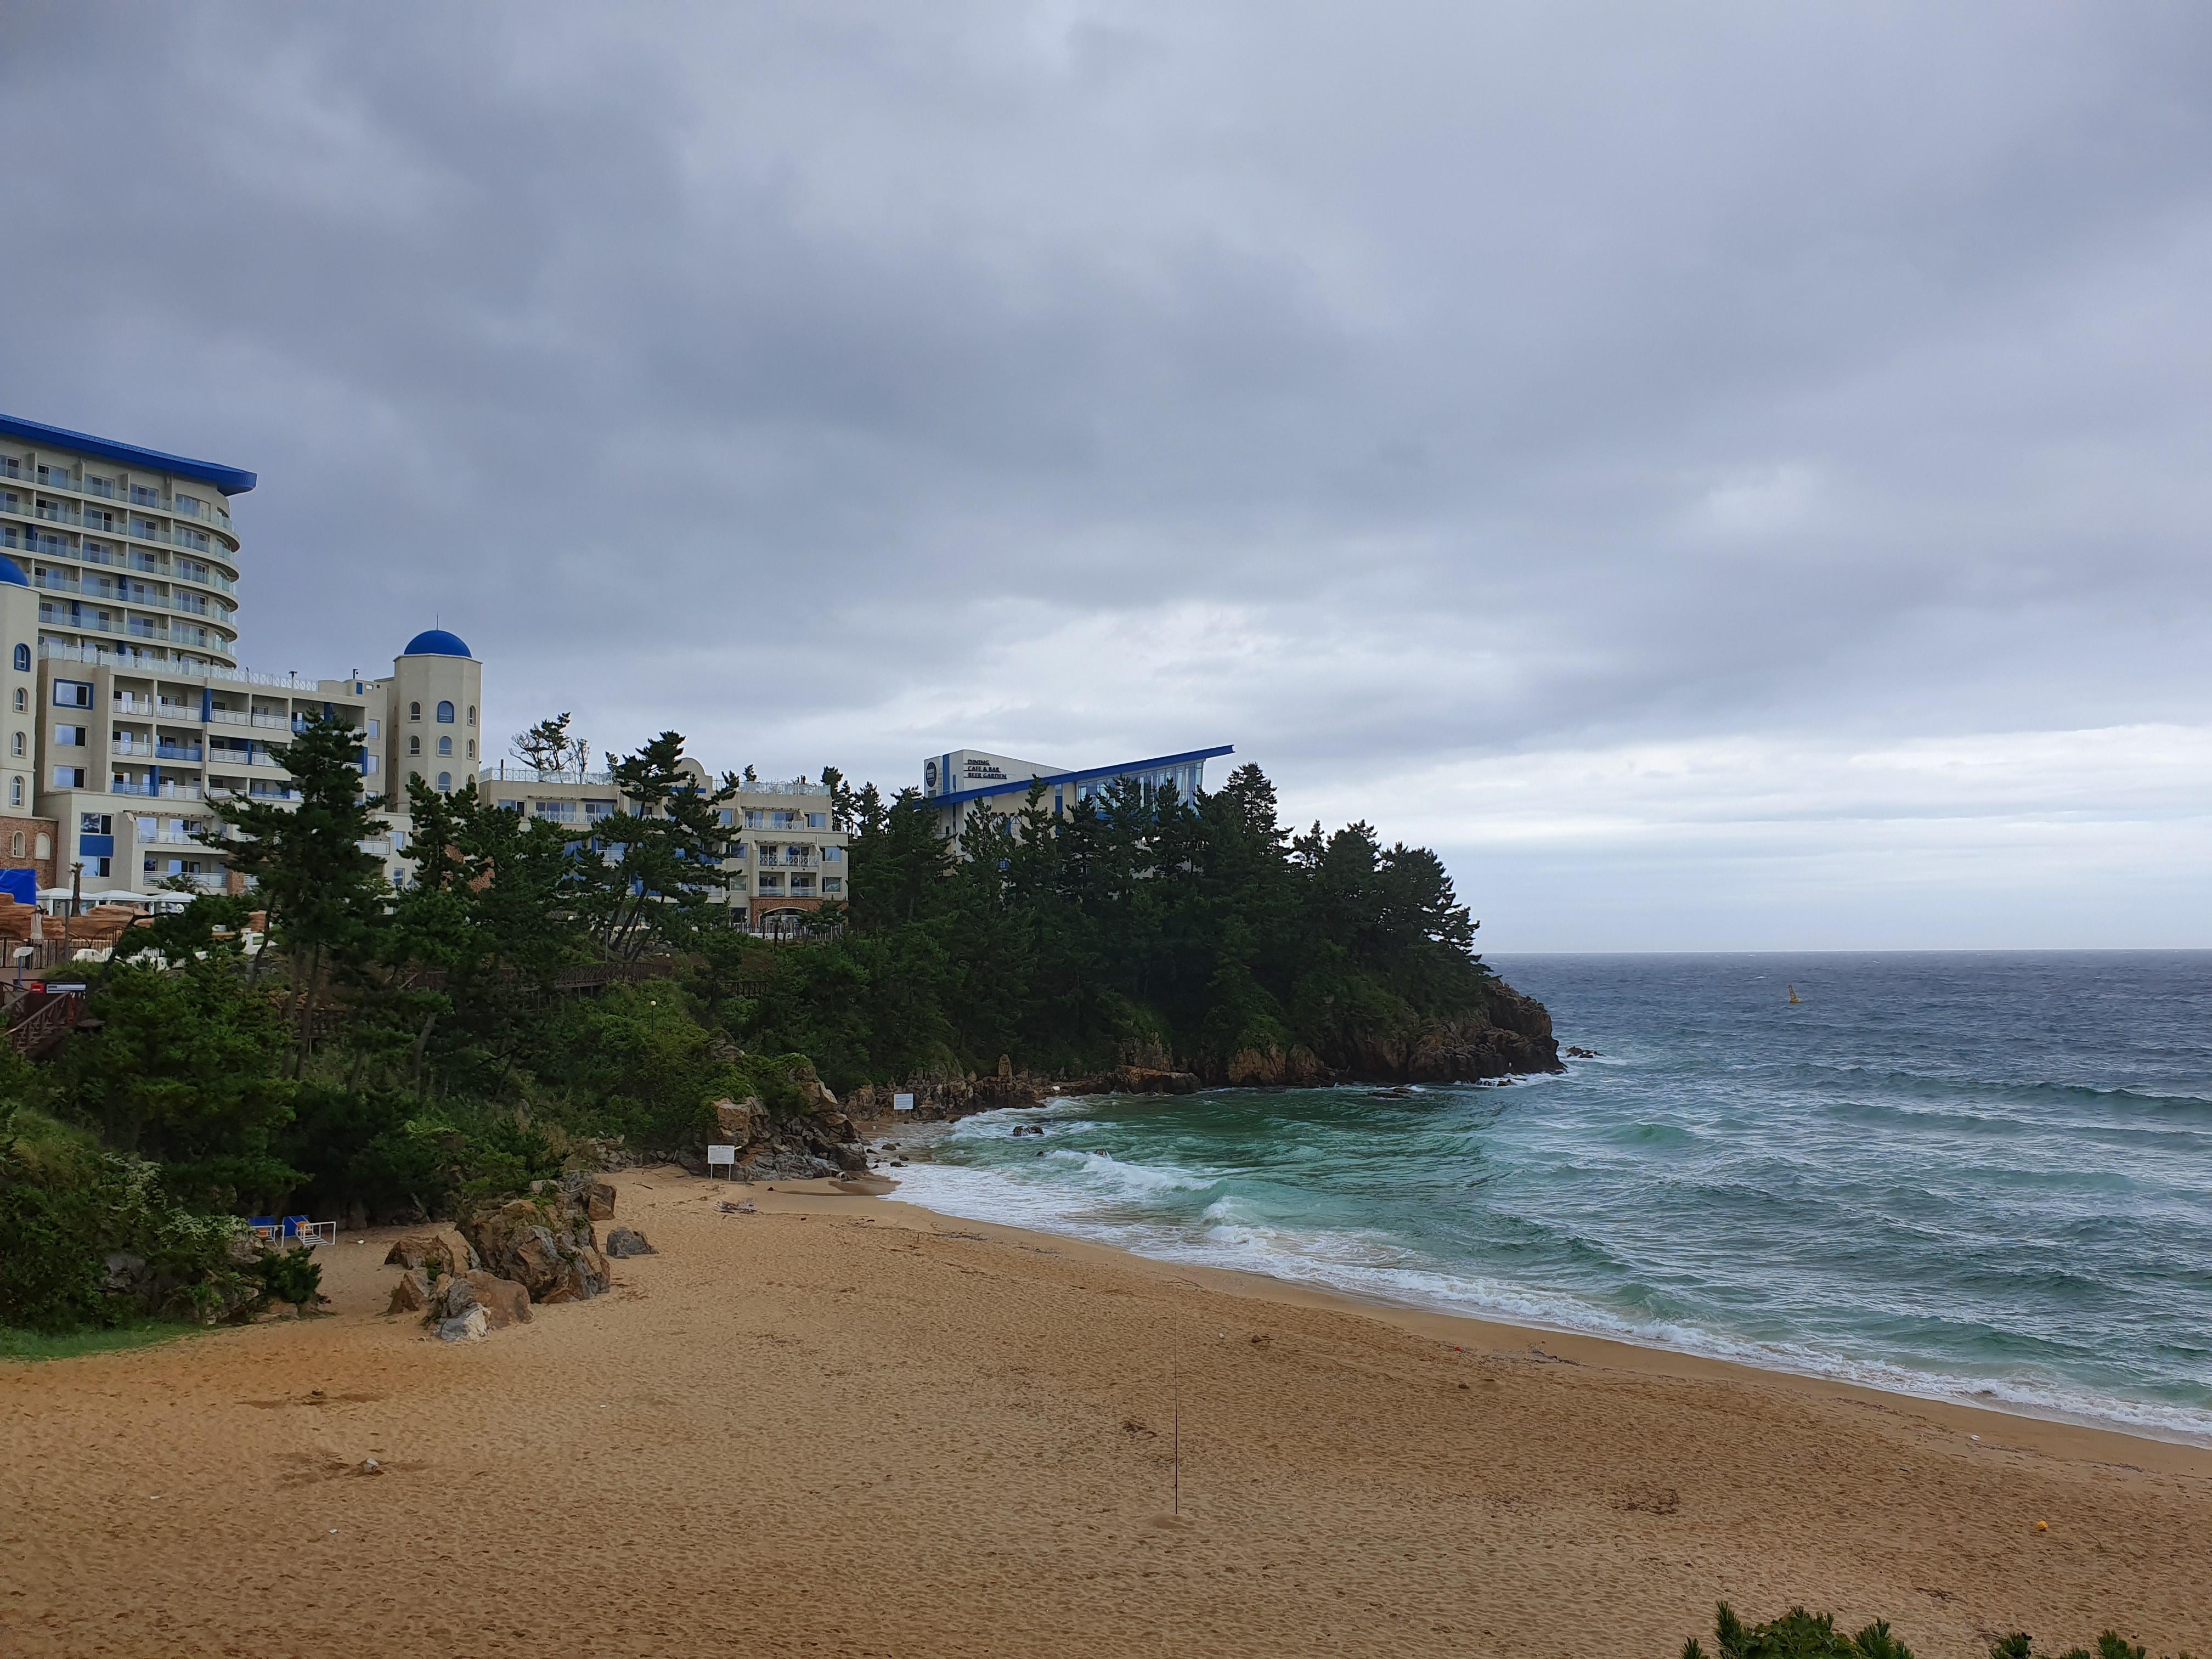 9월초 강릉 여행(3) : 쏠비치, 비구름 가득 늦여름 바다